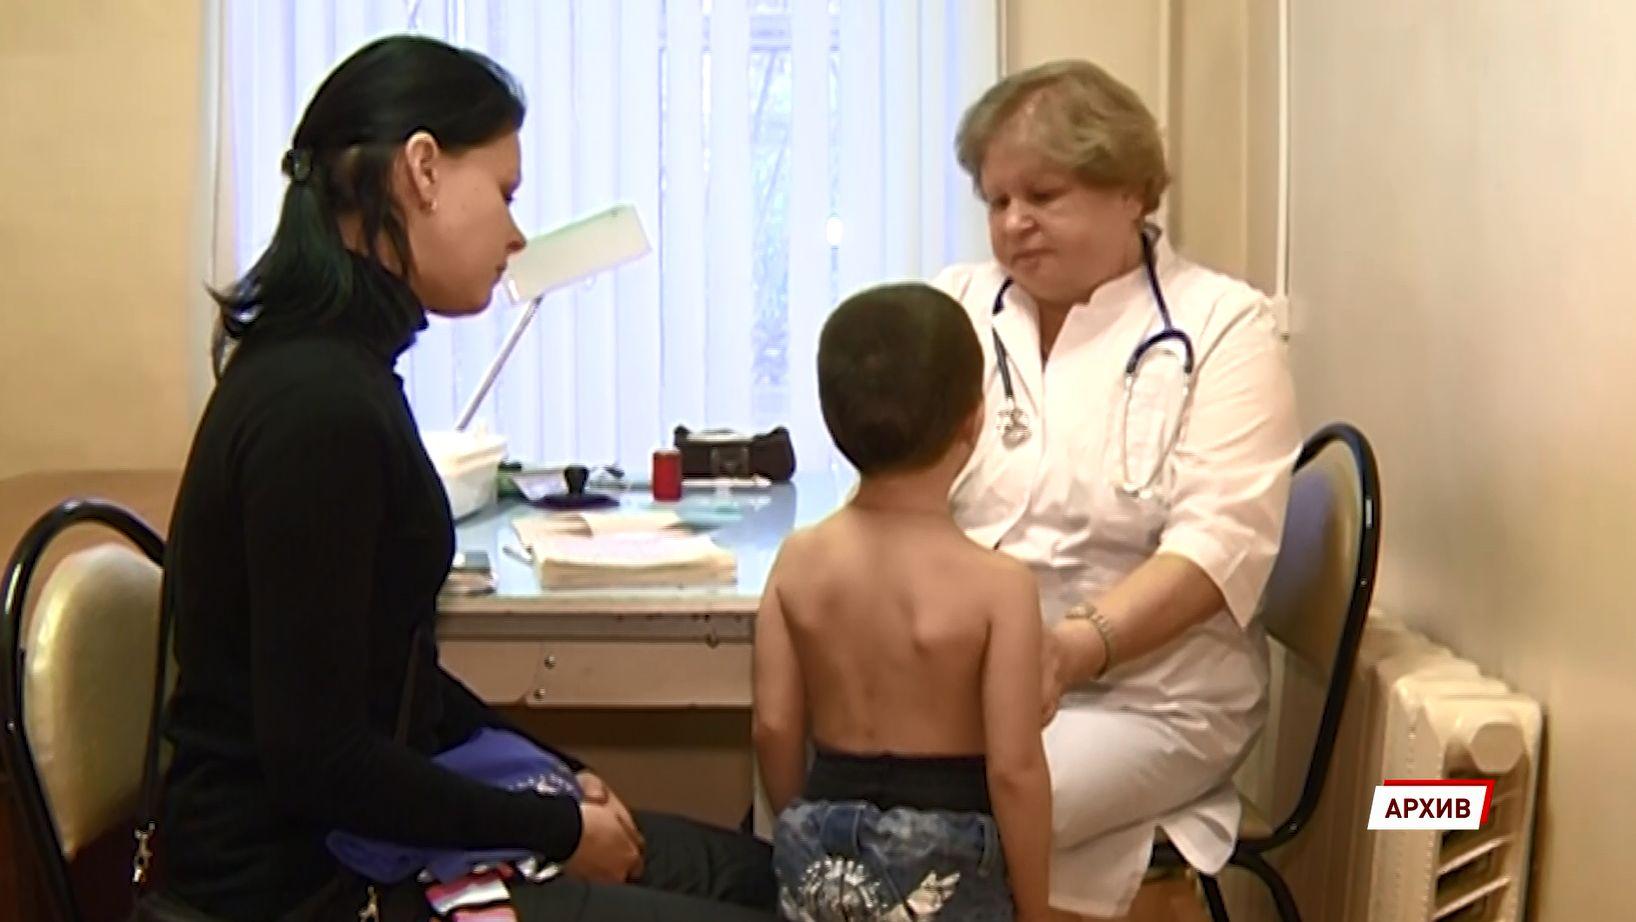 Со следующей недели в Ярославской области начинается сезонная вакцинация от гриппа